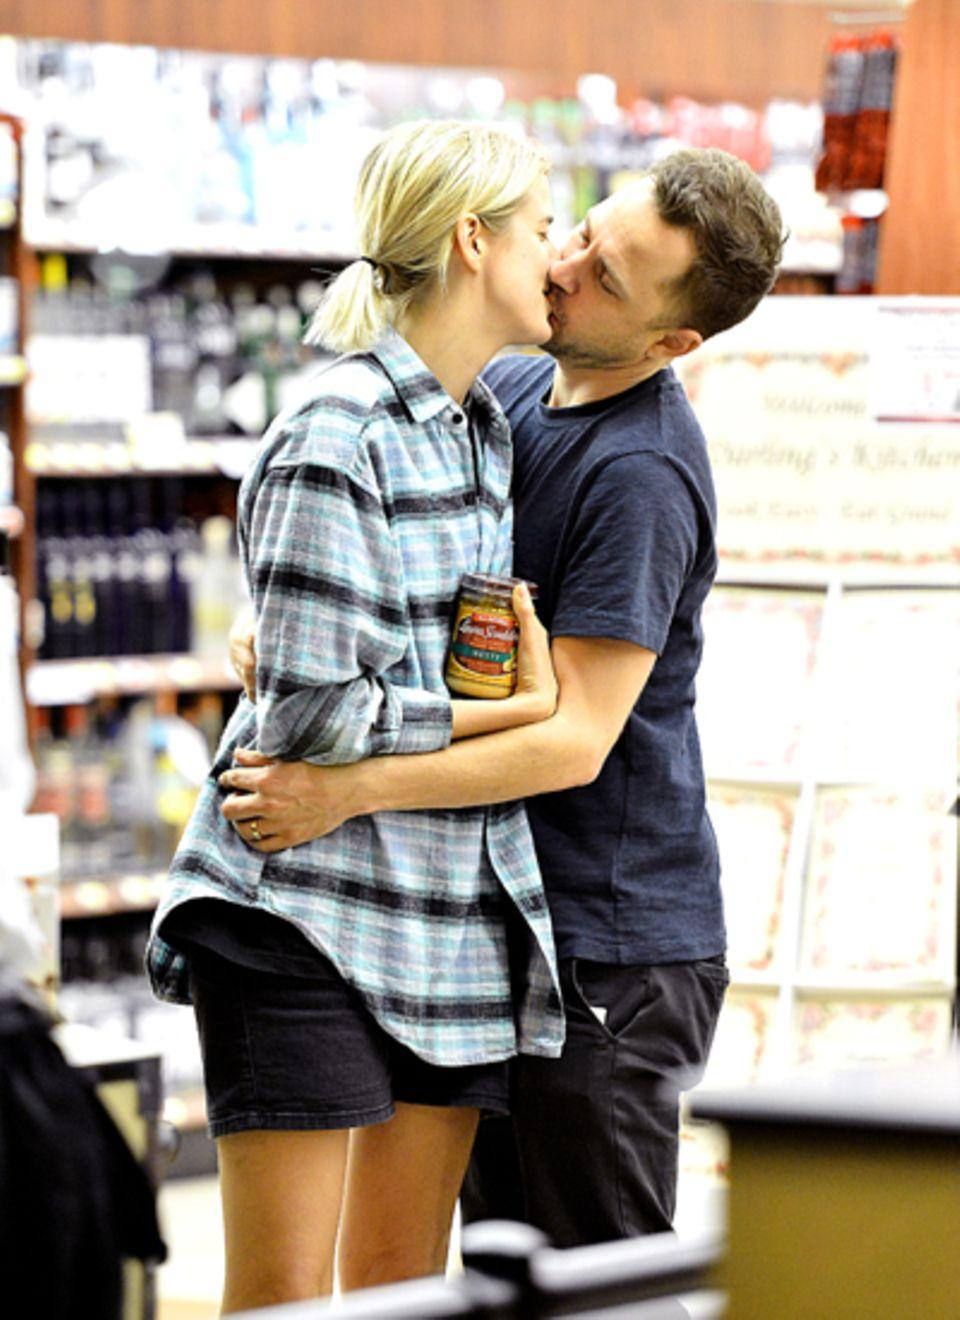 Verliebt und verheiratet: Während des Einkaufens in einem Supermarkt in West Hollywood küsst Giovanni Ribisi seine Frau Agyness